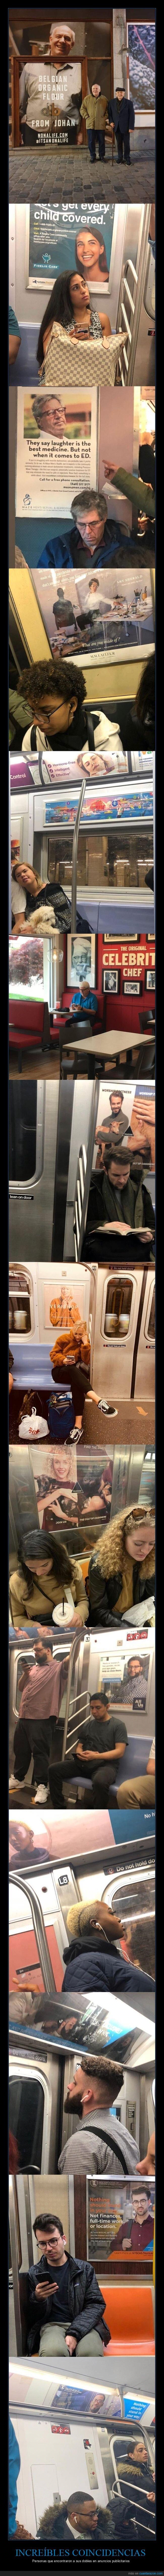 anuncios publicitarios,coincidencias,parecidos